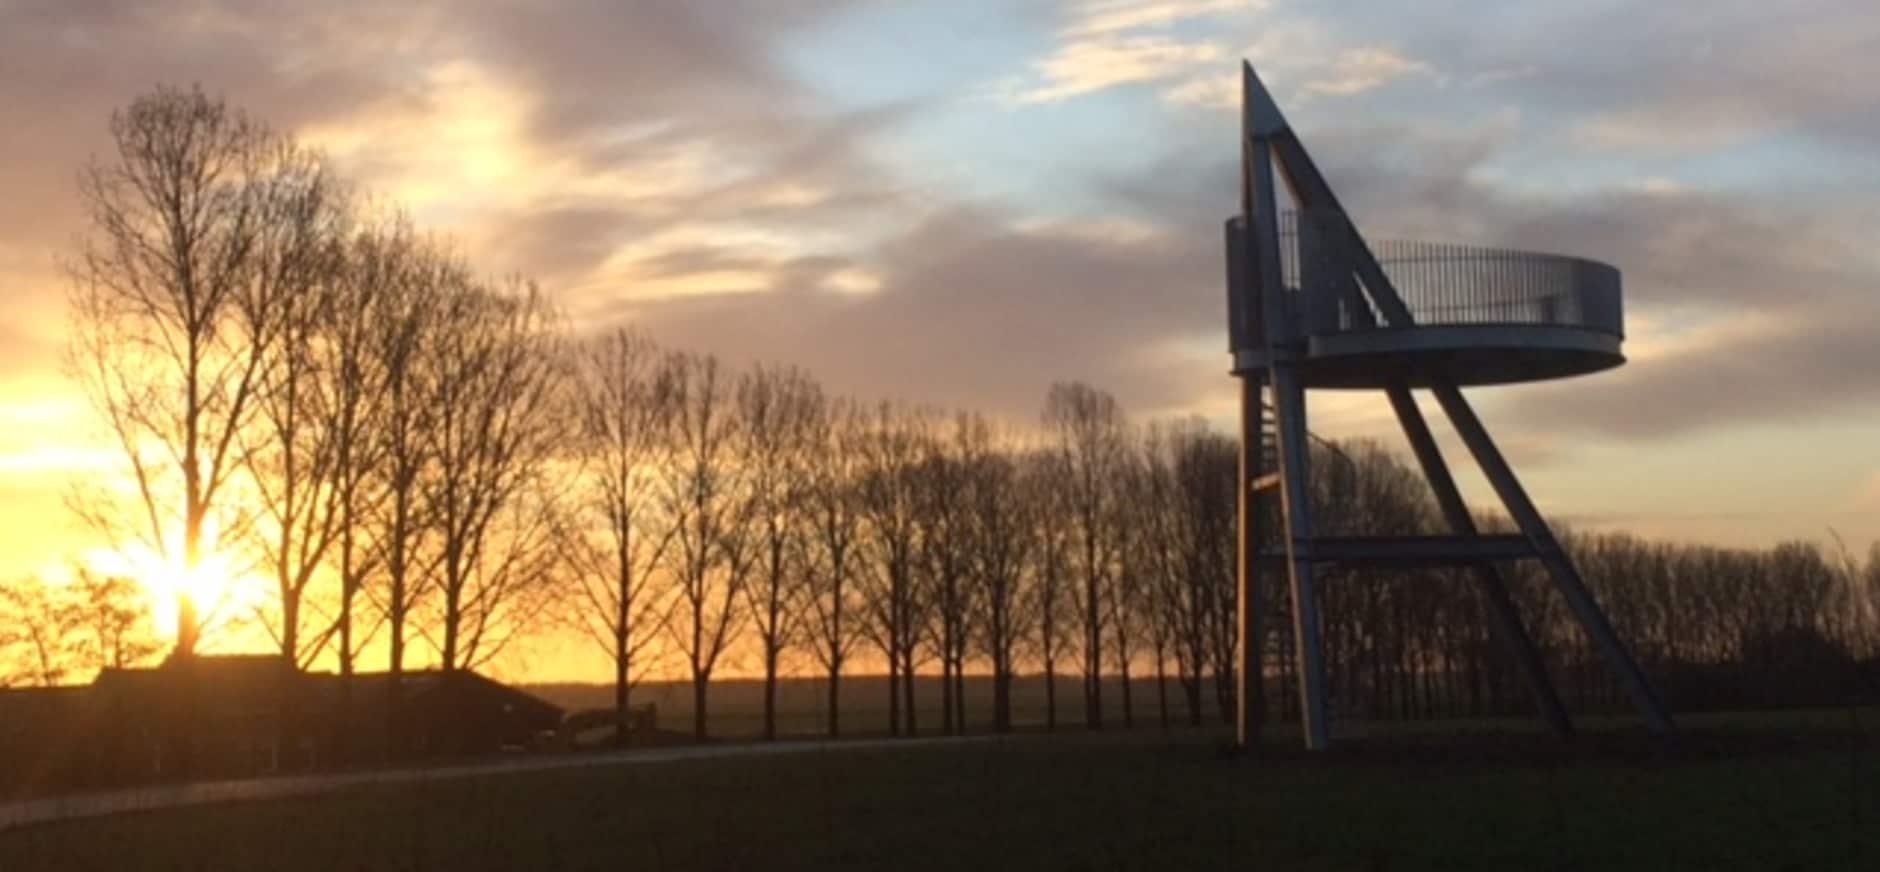 Kom naar de opening van de uitkijktoren in Hemelrijkse Waard op 15 april